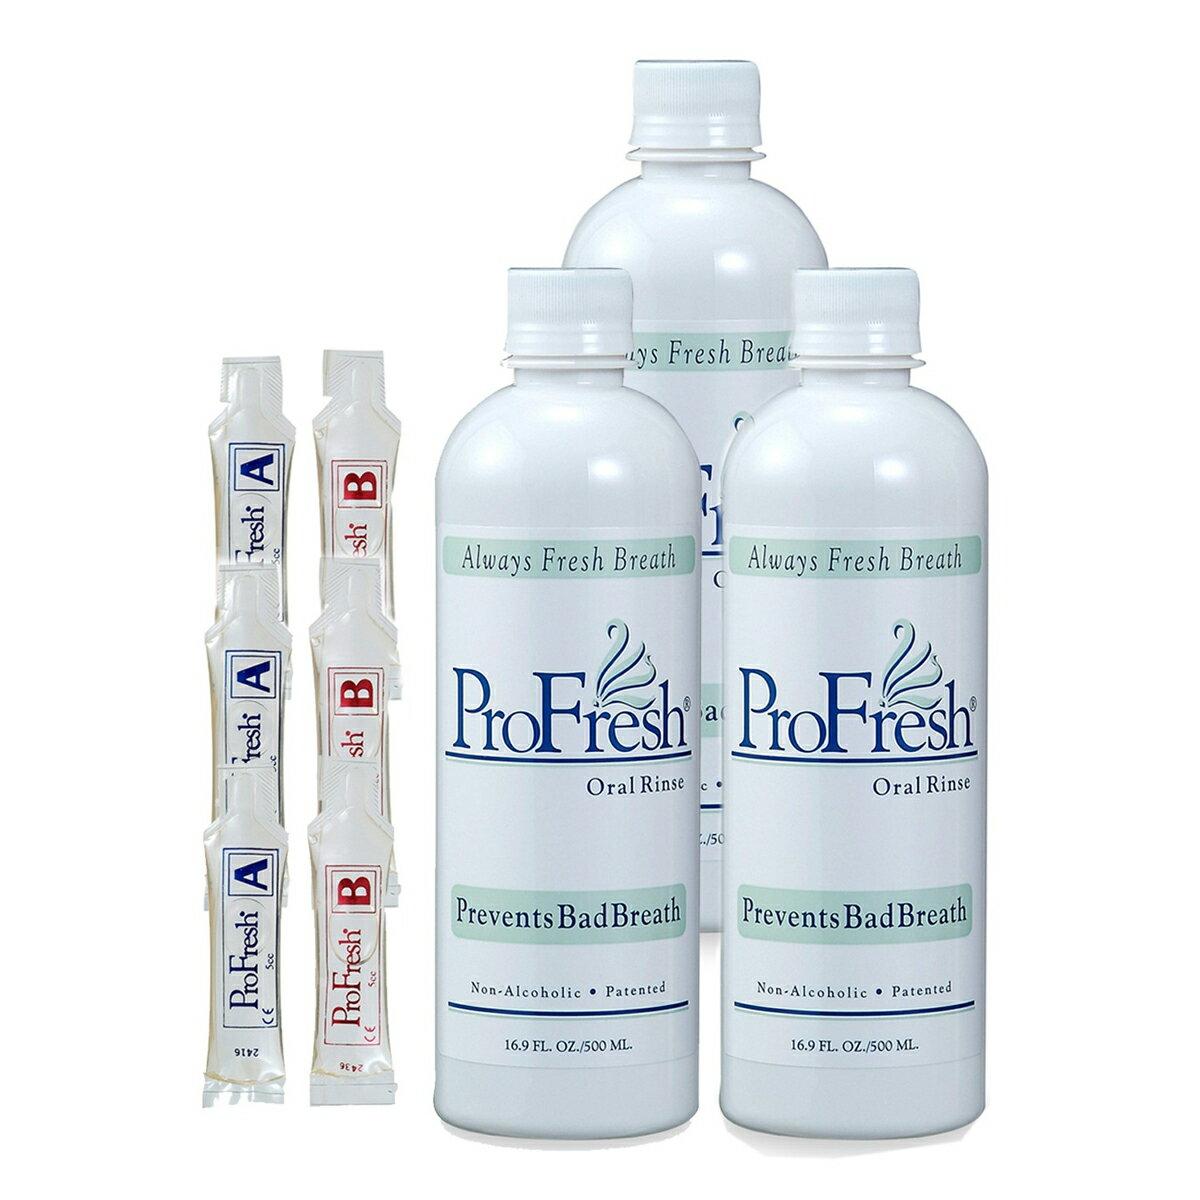 プロフレッシュ オーラルリンス3本セット 長時間口臭予防 PROFRESH 酸素の力で長時間 口臭 予防 30秒間すすいだあと、ブラッシング